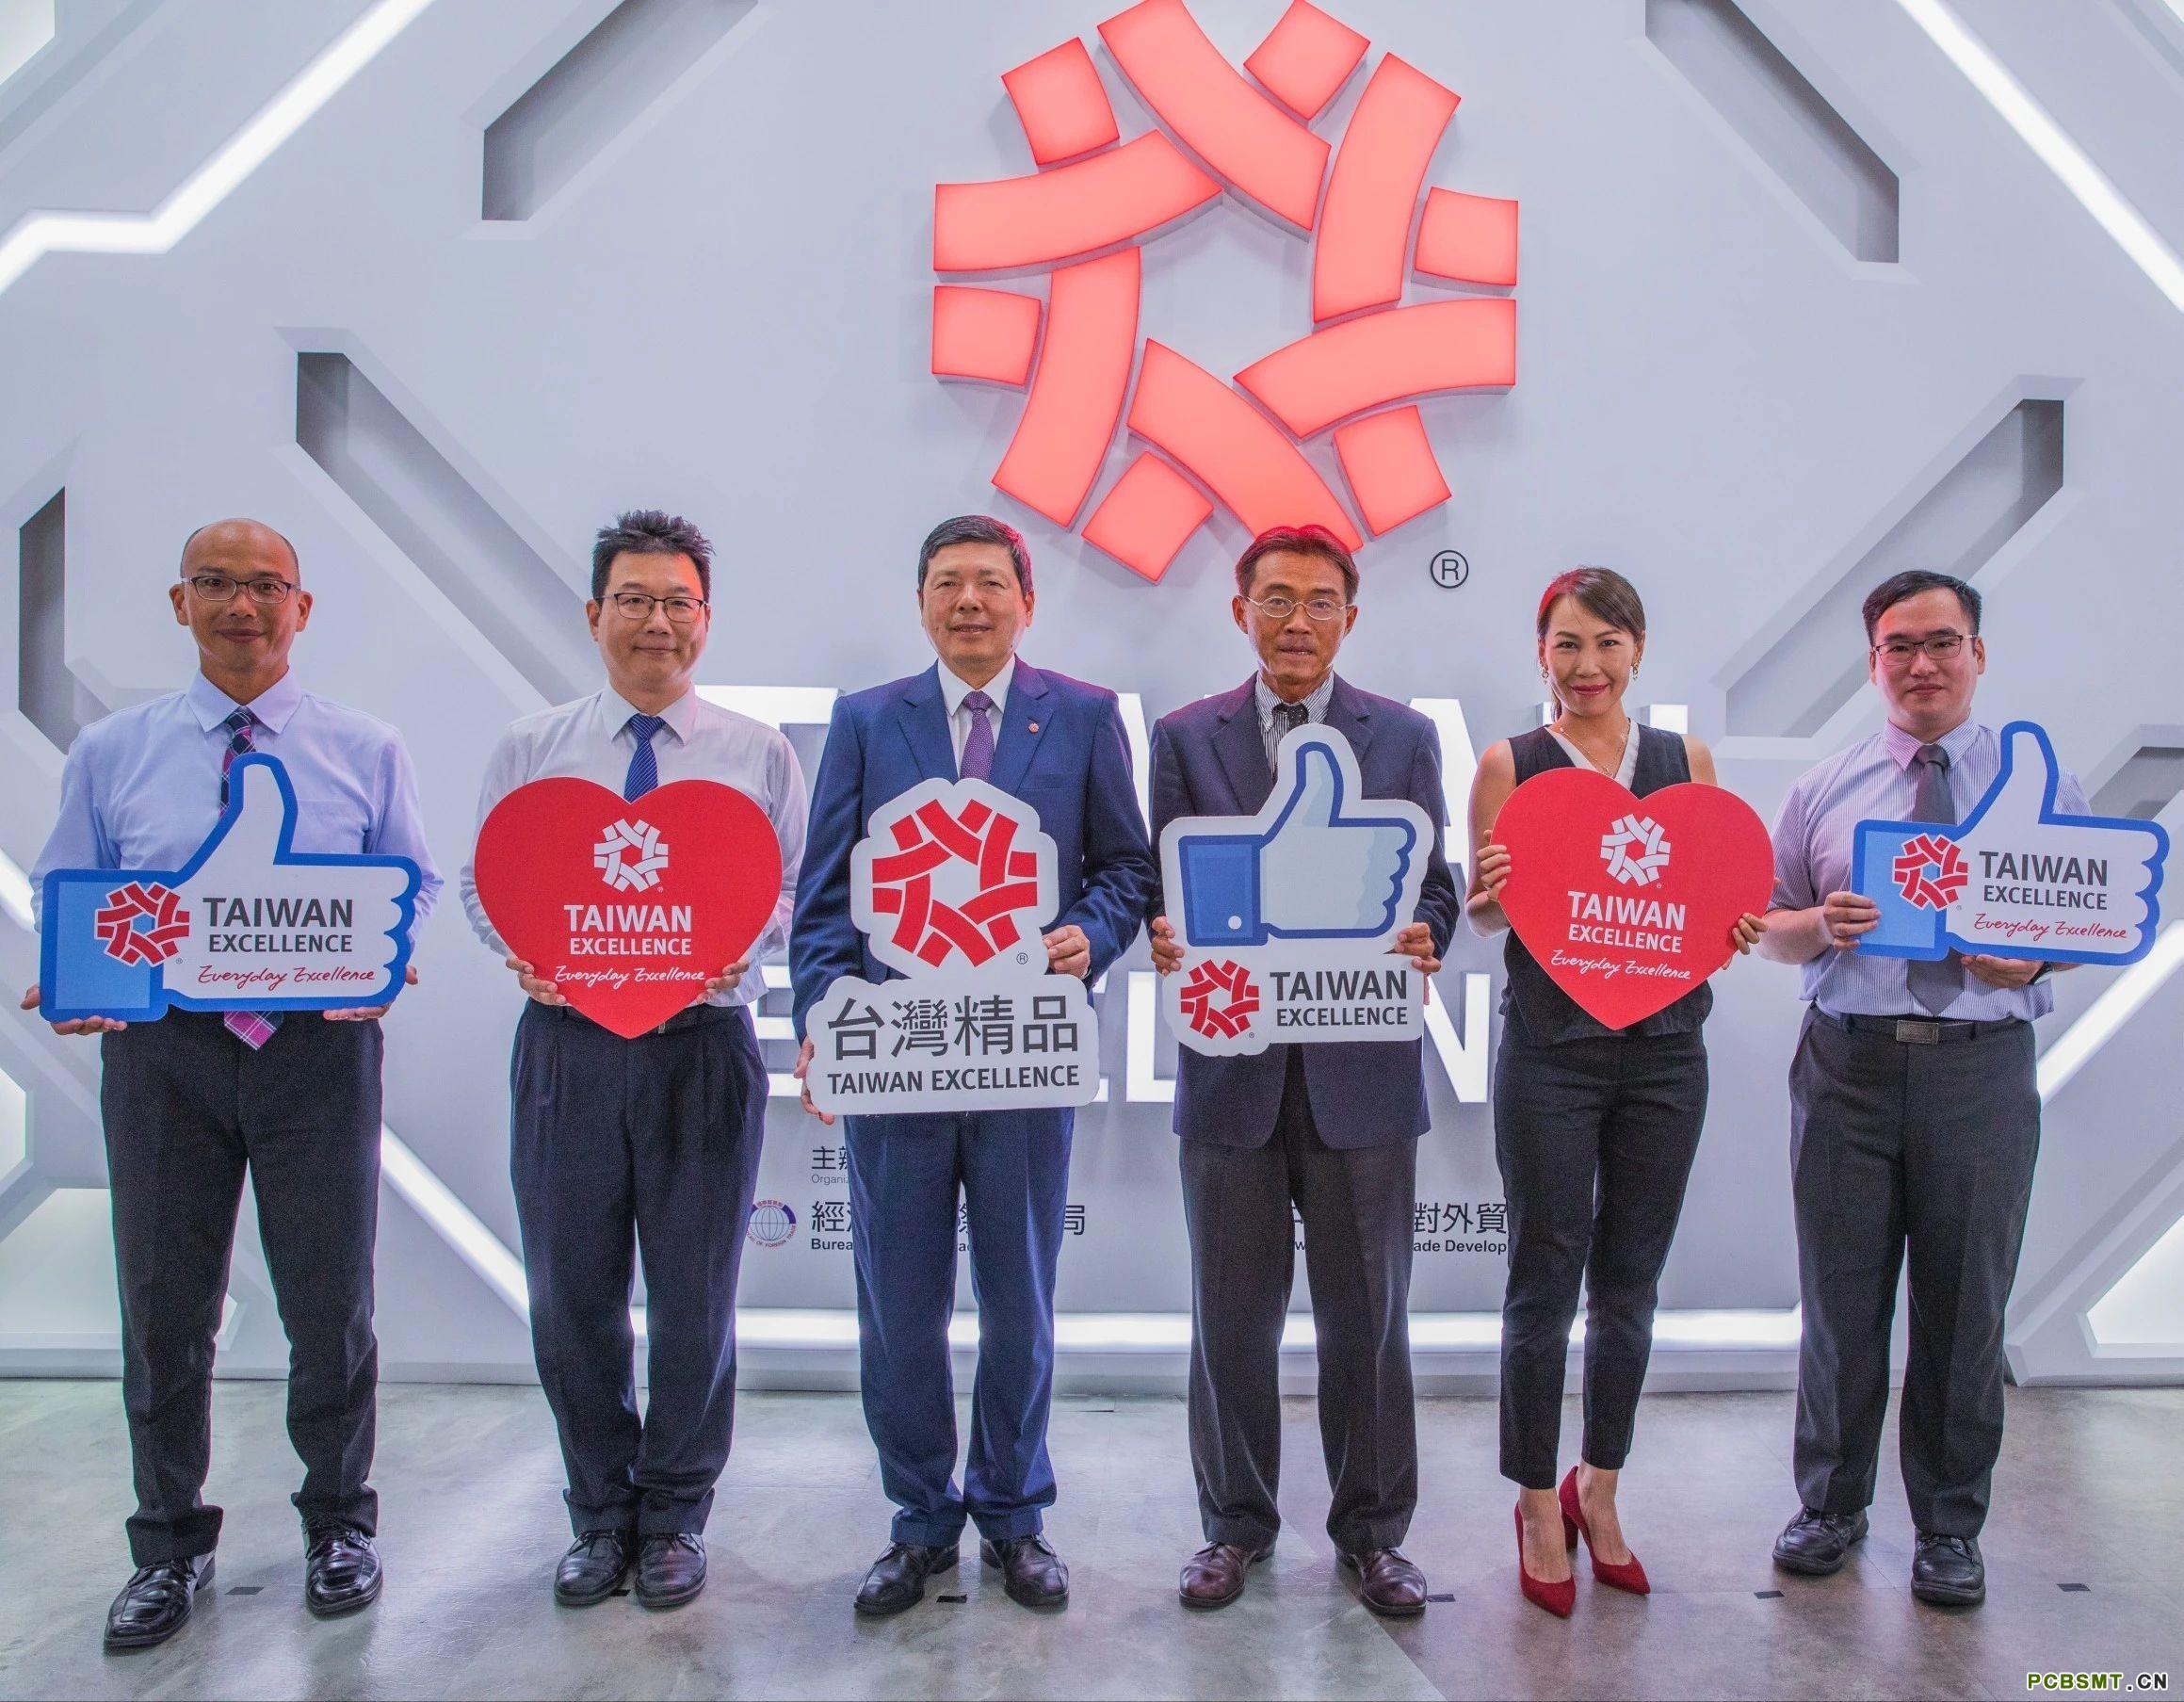 迅得、東遠、志圣、和椿齊聚?臺灣精品線上記者會,展示未來PCB生產創新大趨勢